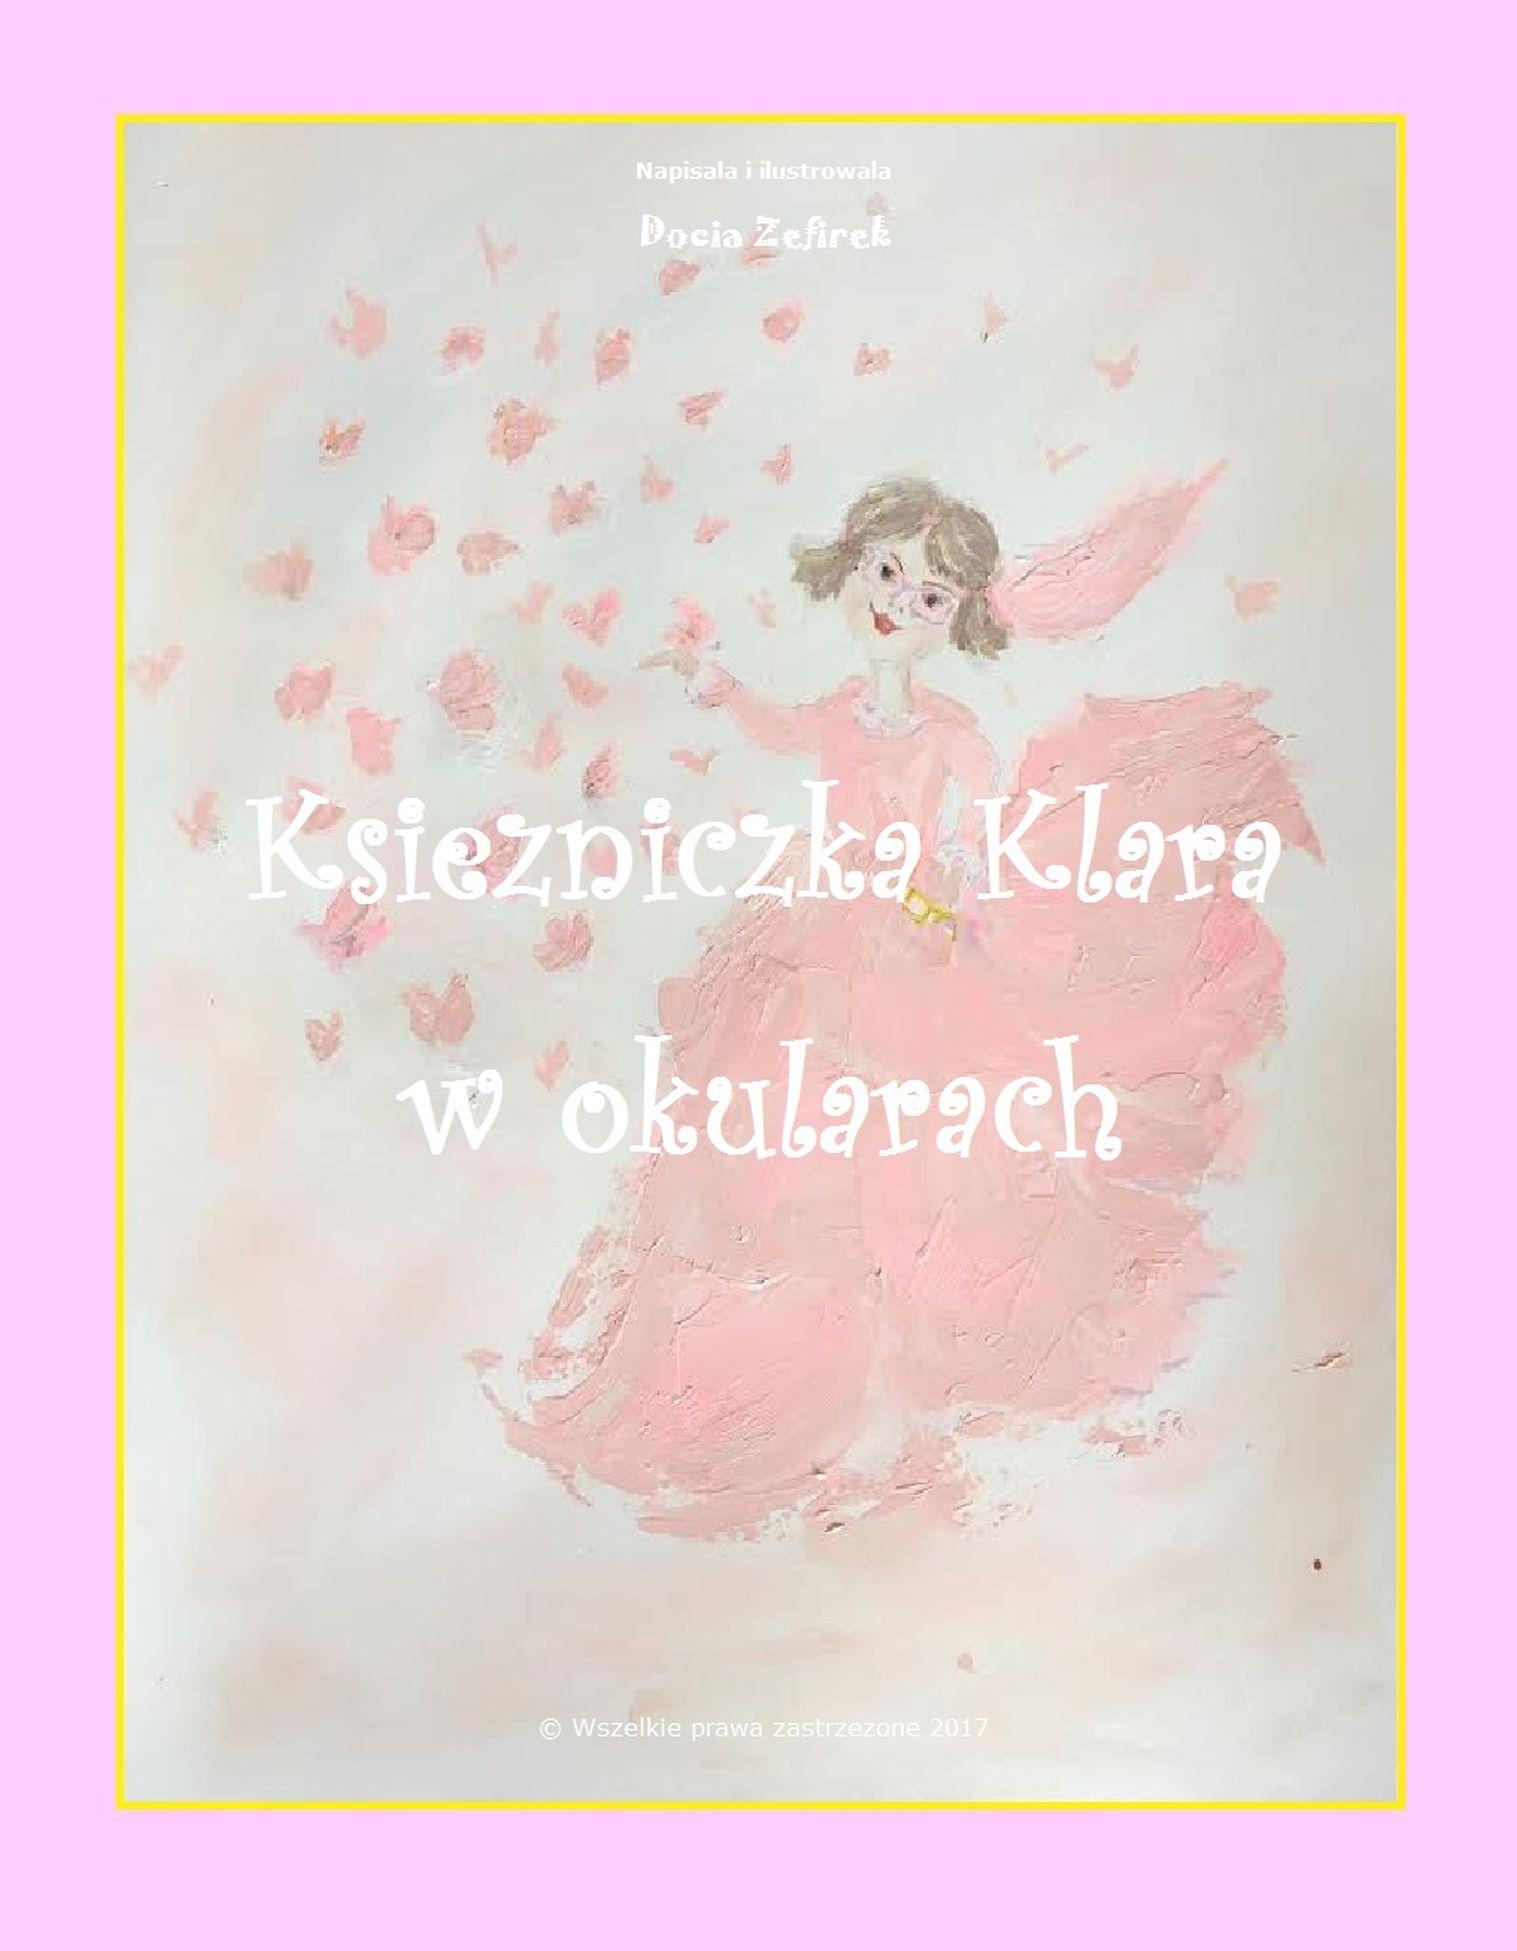 Księżniczka Klara W Okularach An Ebook By Docia Zefirek